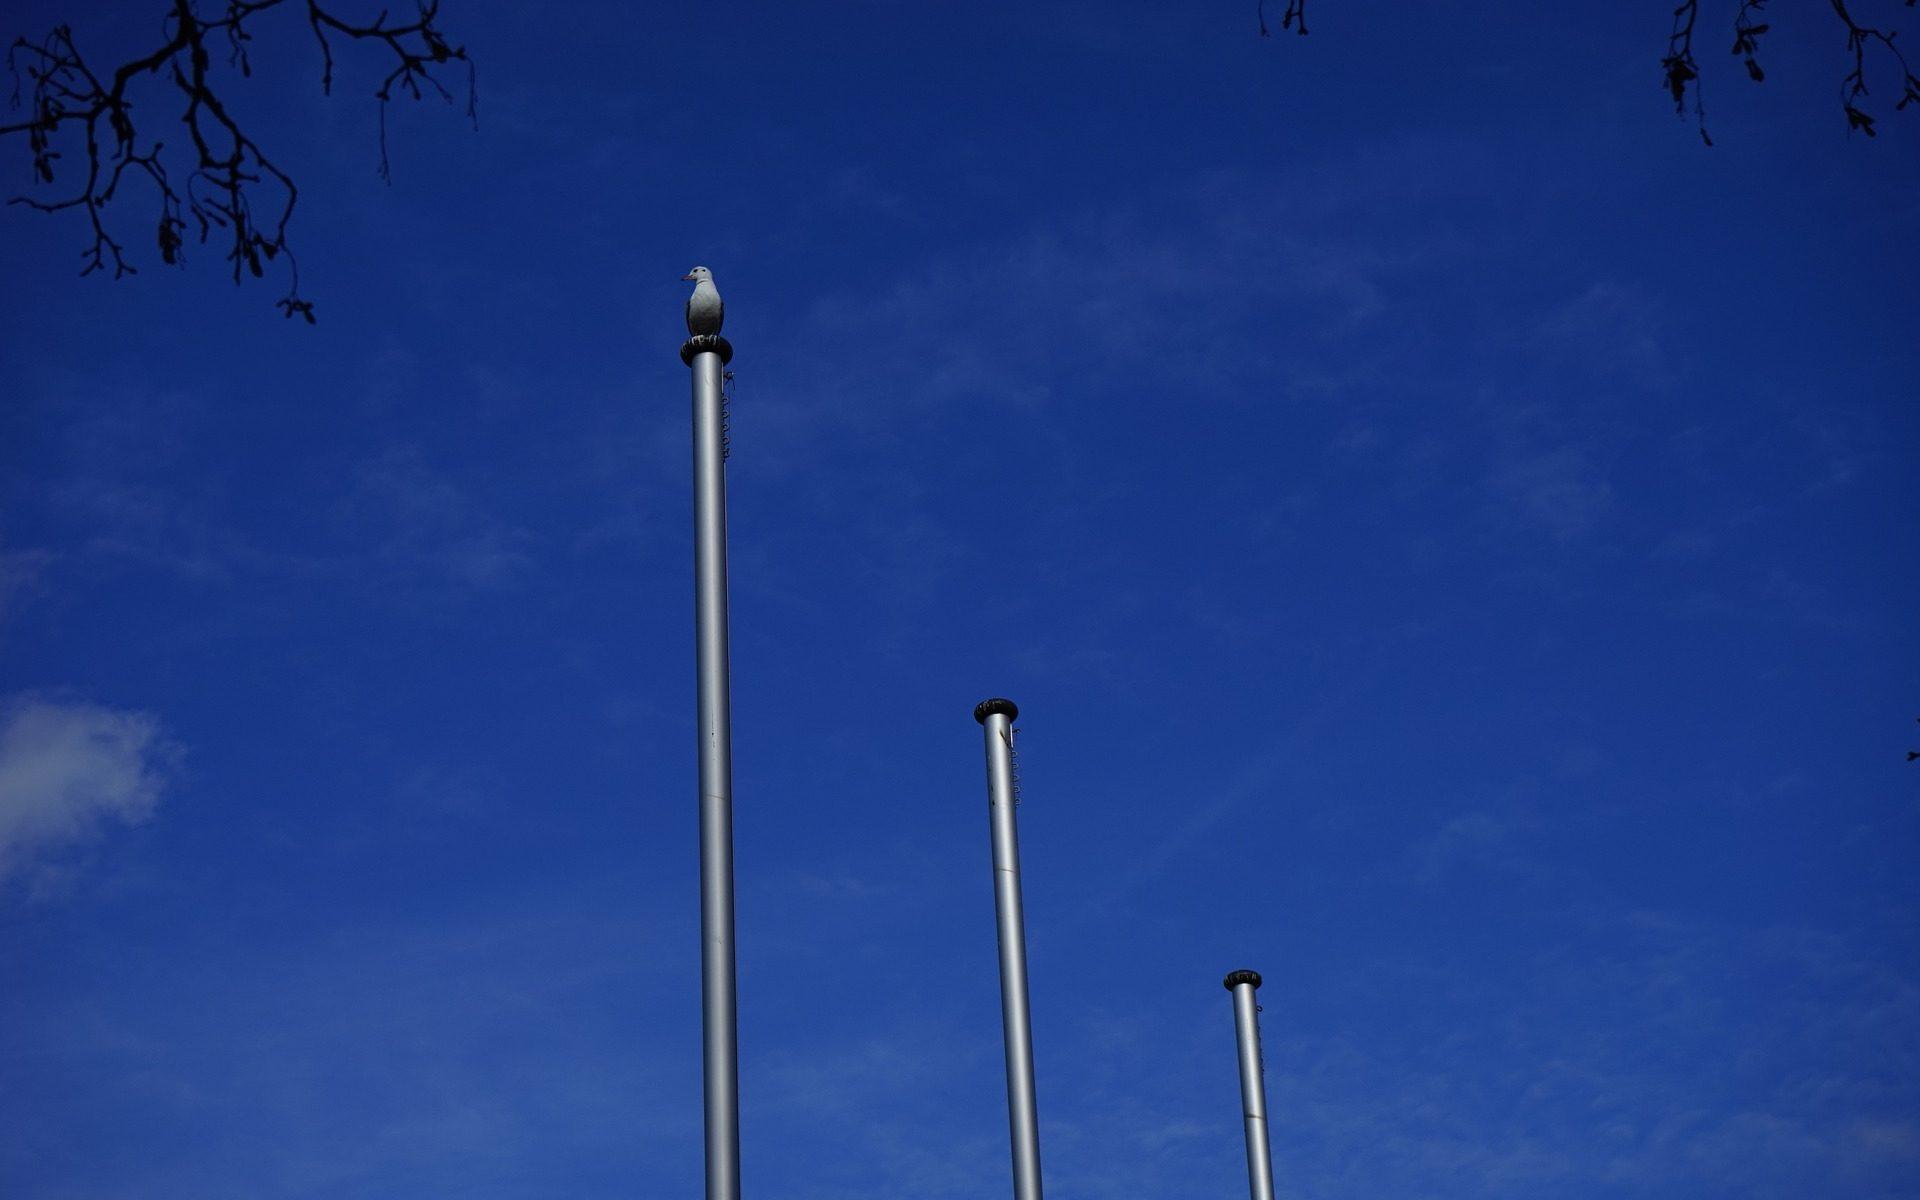 Wiederinbetriebnahme der historischen Fahnenmasten vor dem Rathaus